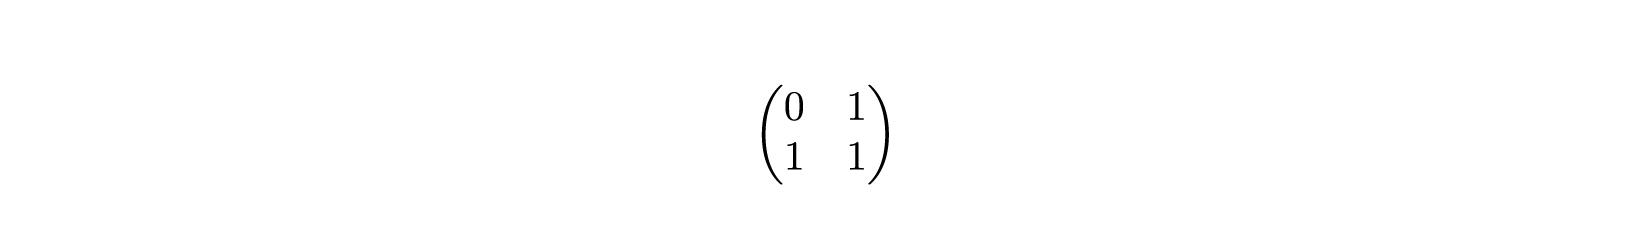 Итоговая матрица